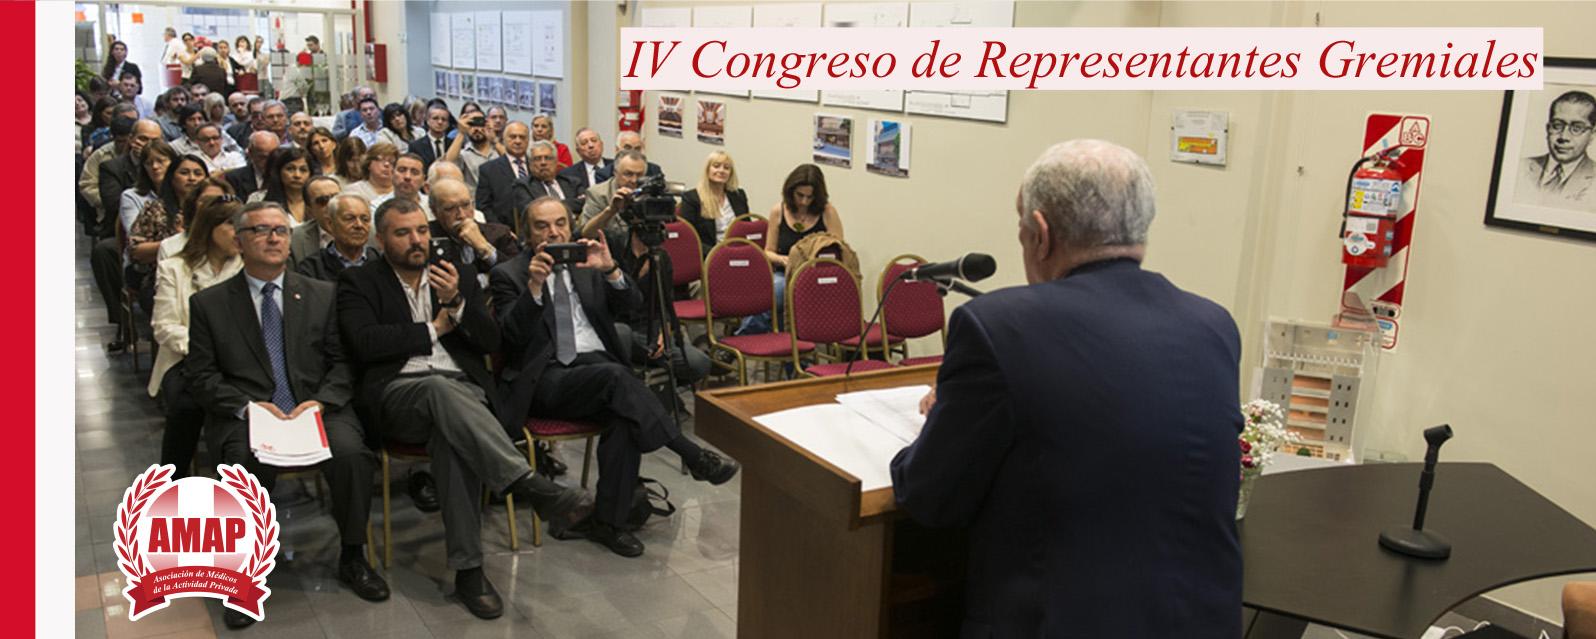 IV Congreso de Representantes Gremiales de la AMAP